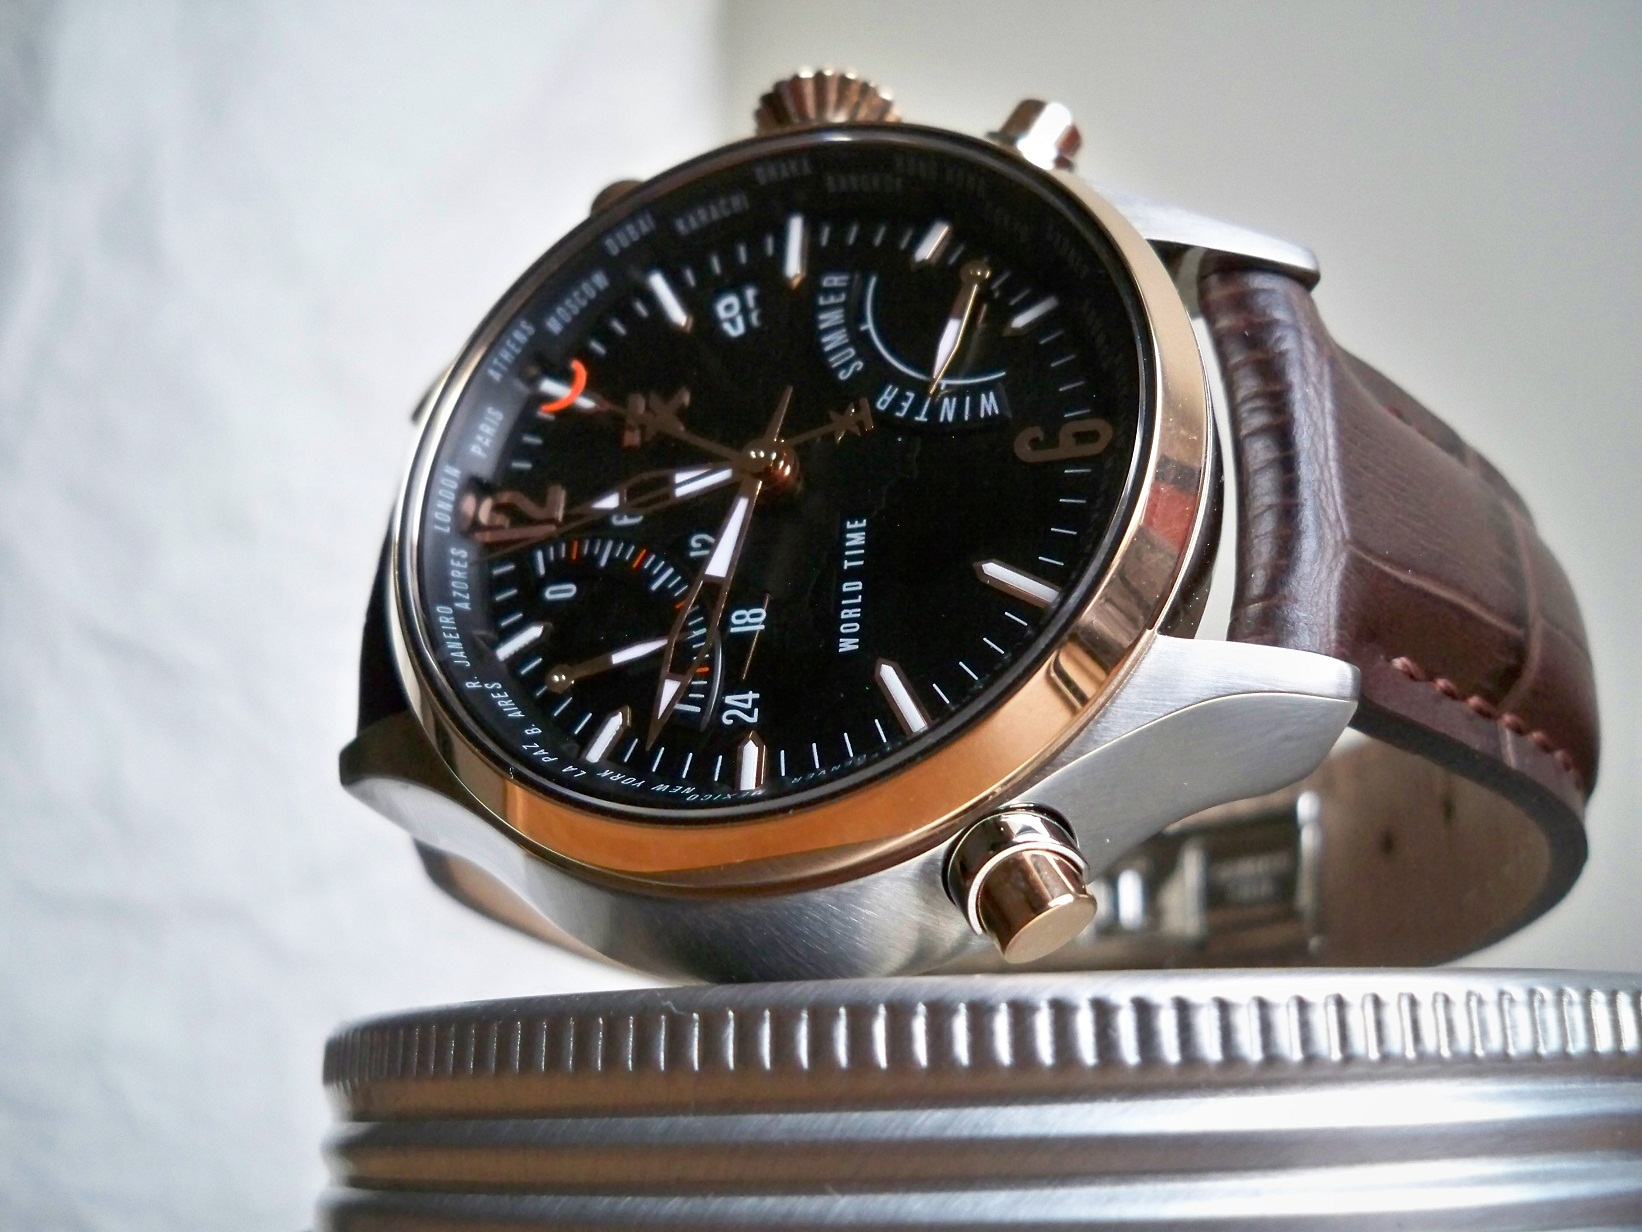 608977d1327238648-%5E%5E%5Esunday-watch-your-wrist-1-22-12%5E%5E%5E-100_4271.jpg